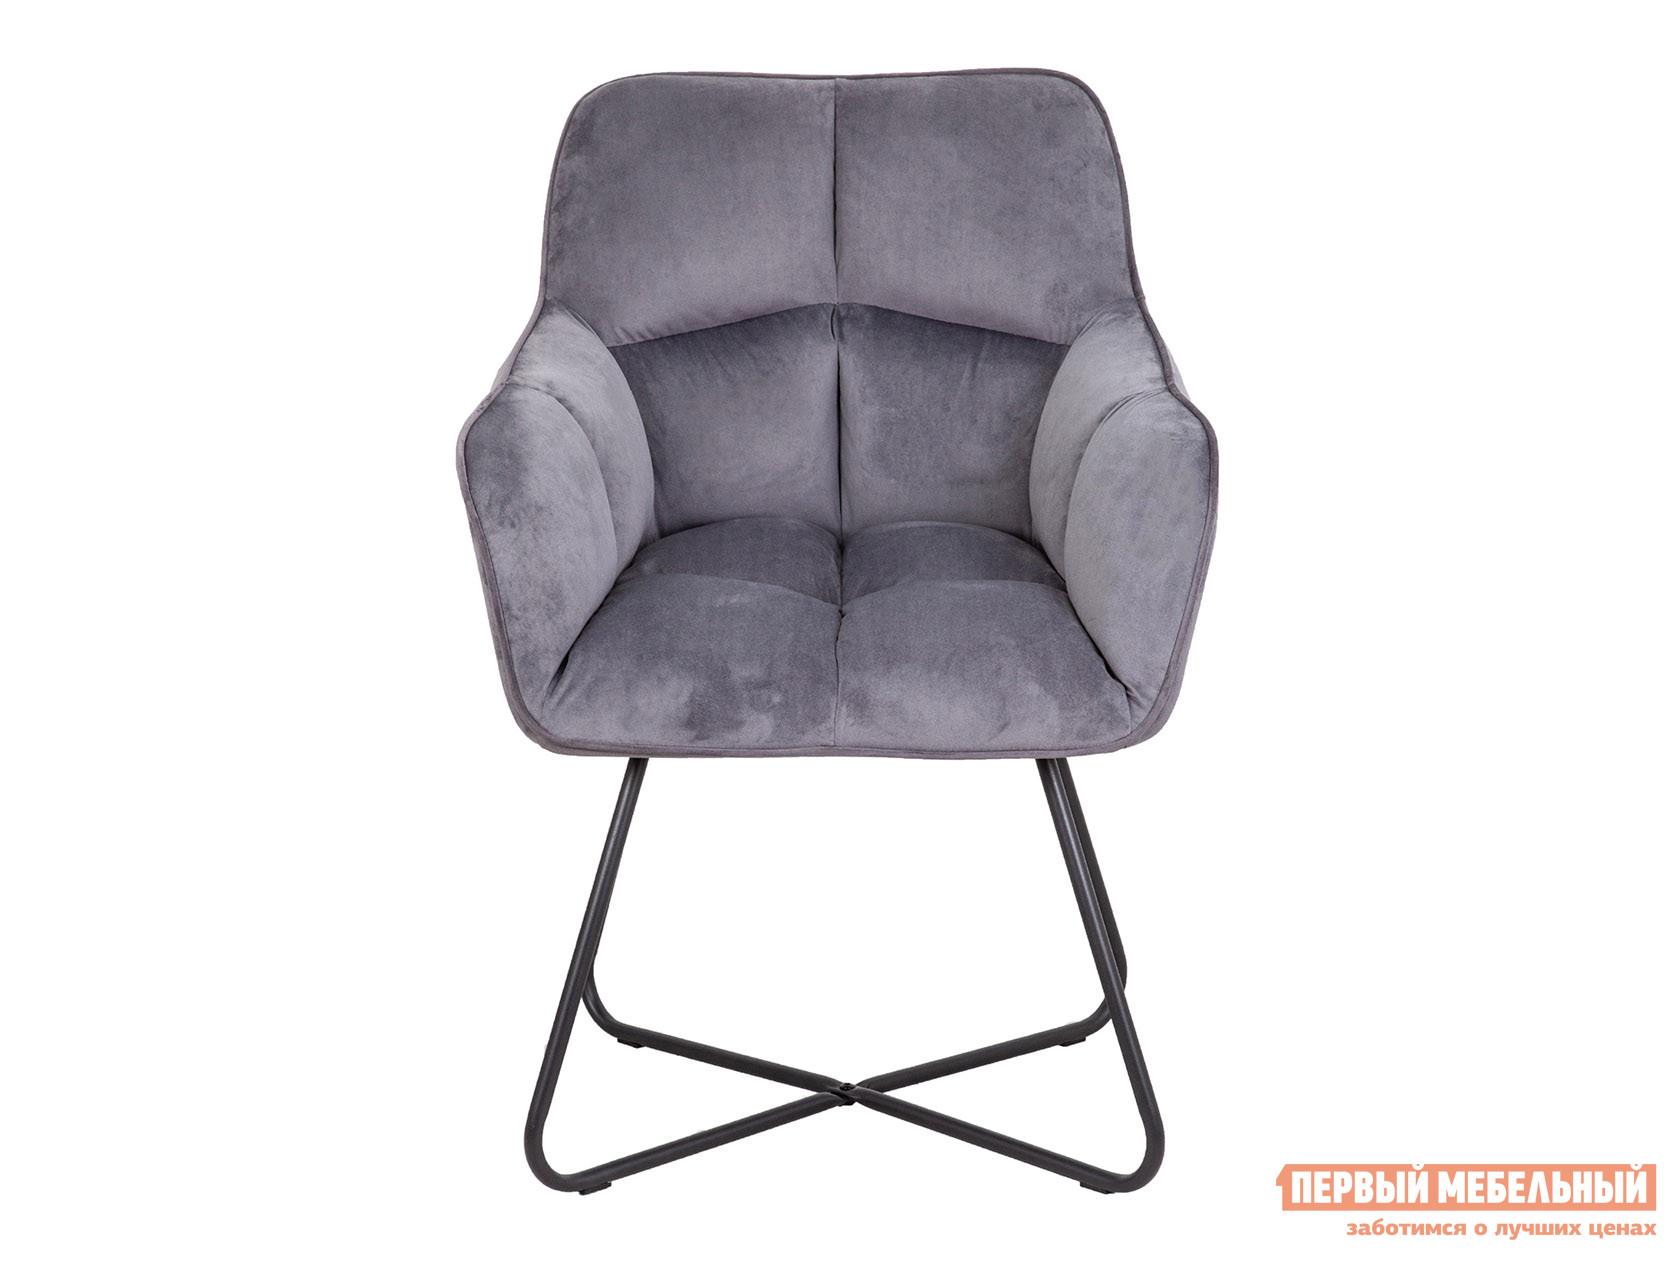 Стул  FLORIDA Темно-серый, велюр / Черный, металл Базистрейд 119480